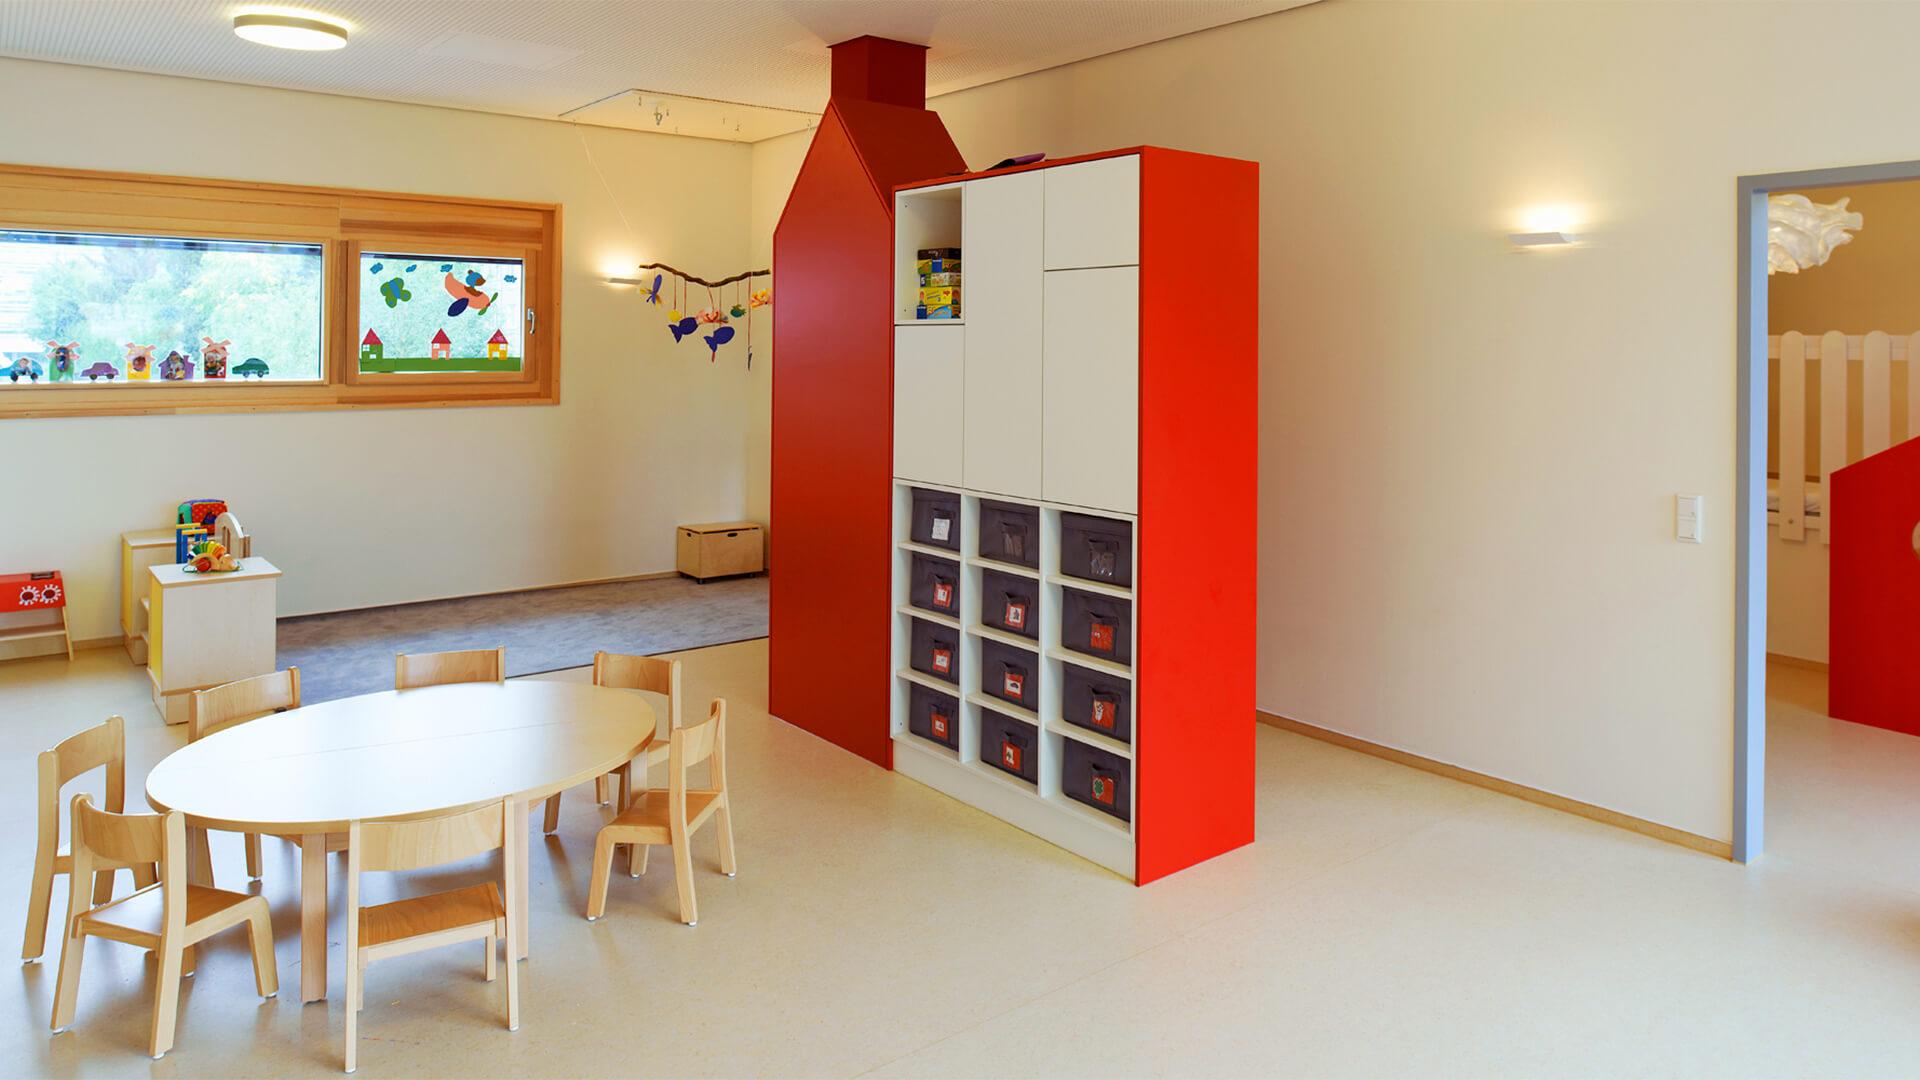 Spielecke, mit von Kindern gebastelter Fenster-Gestaltung und ein großer Spielzeug-Schrank